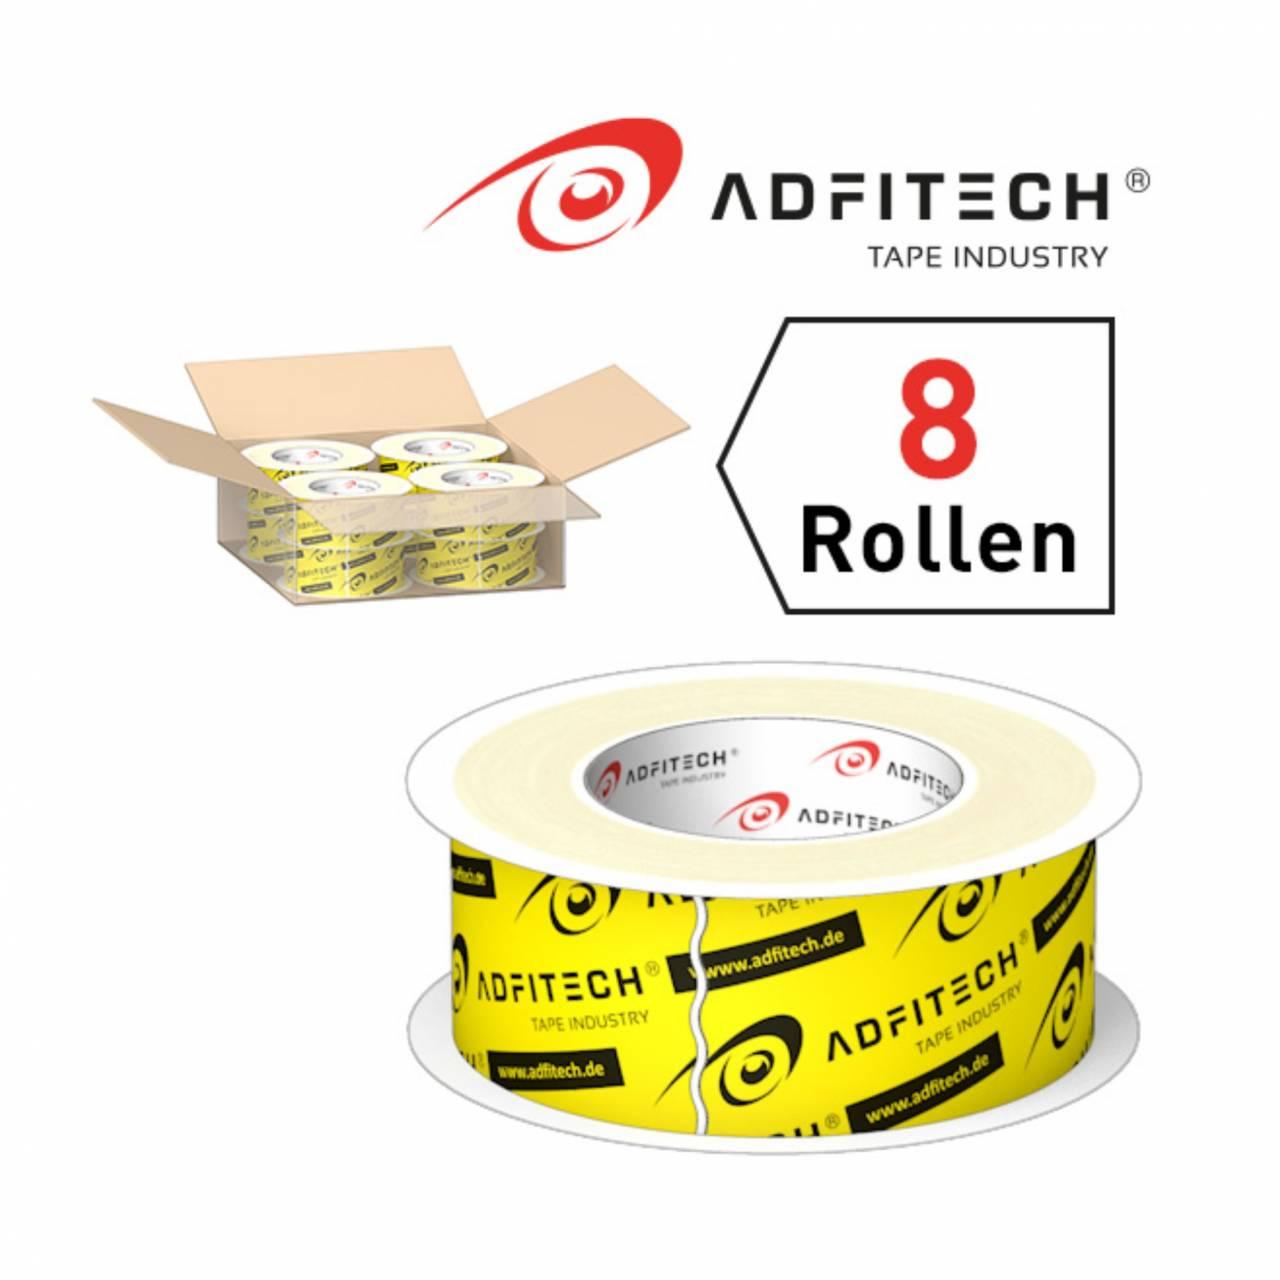 Adfitech Dichtklebeband 'AT710' 60 mm x 40 lfm / Krt a 8 Rollen